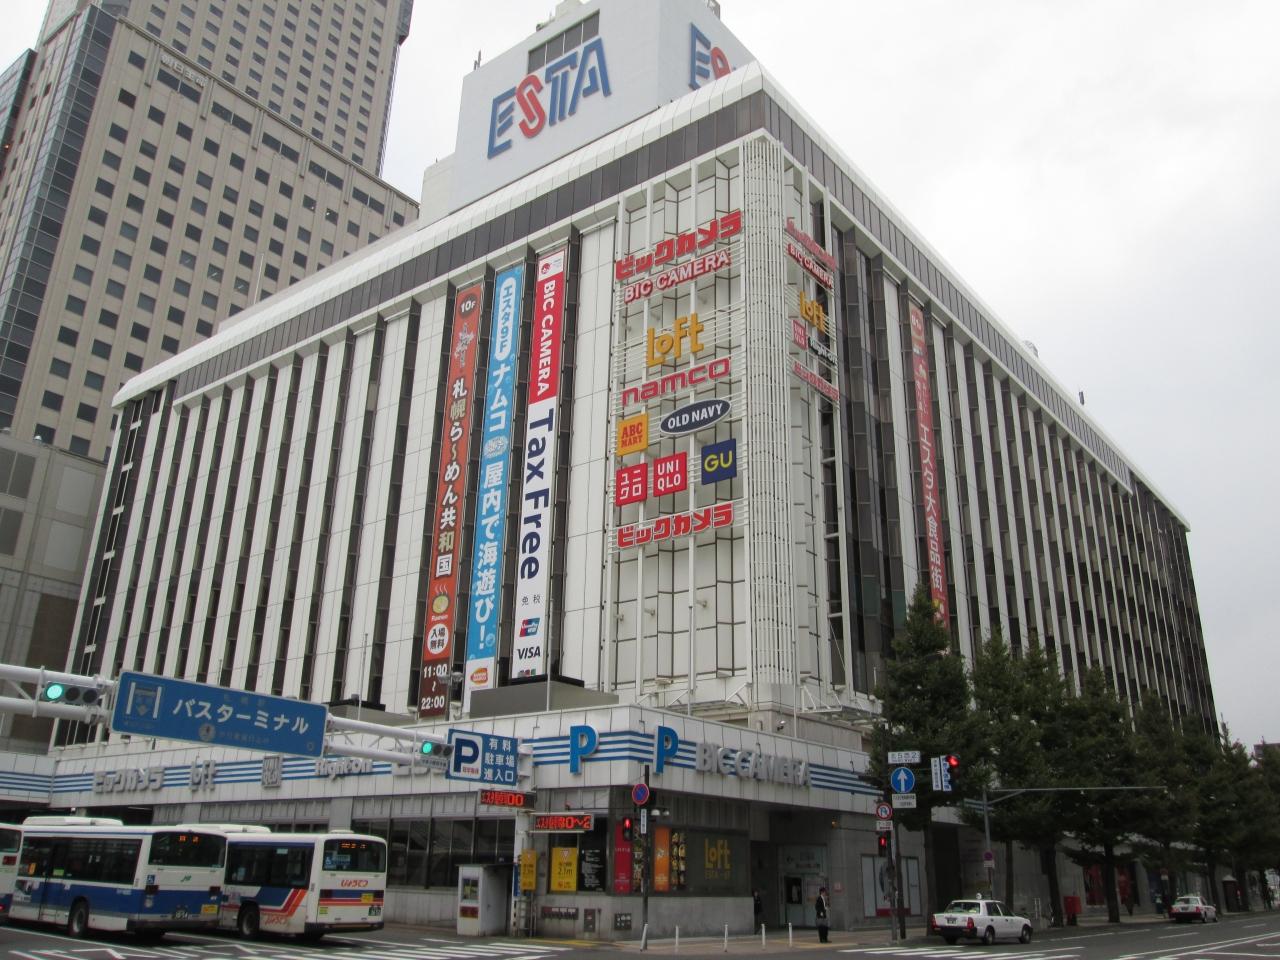 すすきの・札幌のショッピングスポット 札幌エスタ